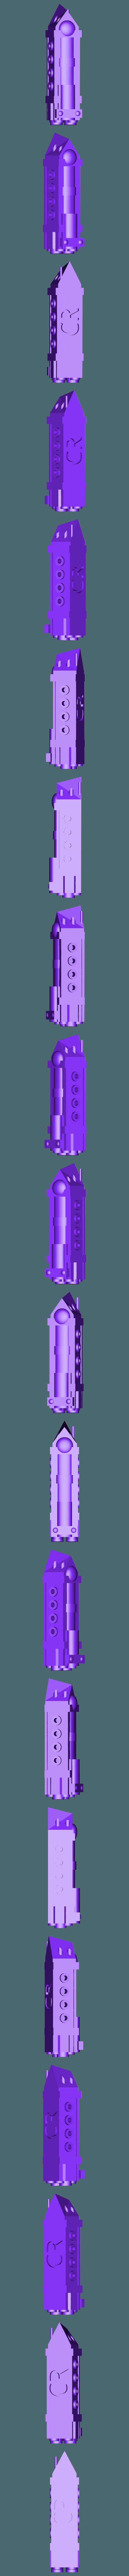 Cruiser.stl Télécharger fichier STL gratuit Pièces de jeu de vaisseau spatial • Design pour impression 3D, Onyxia